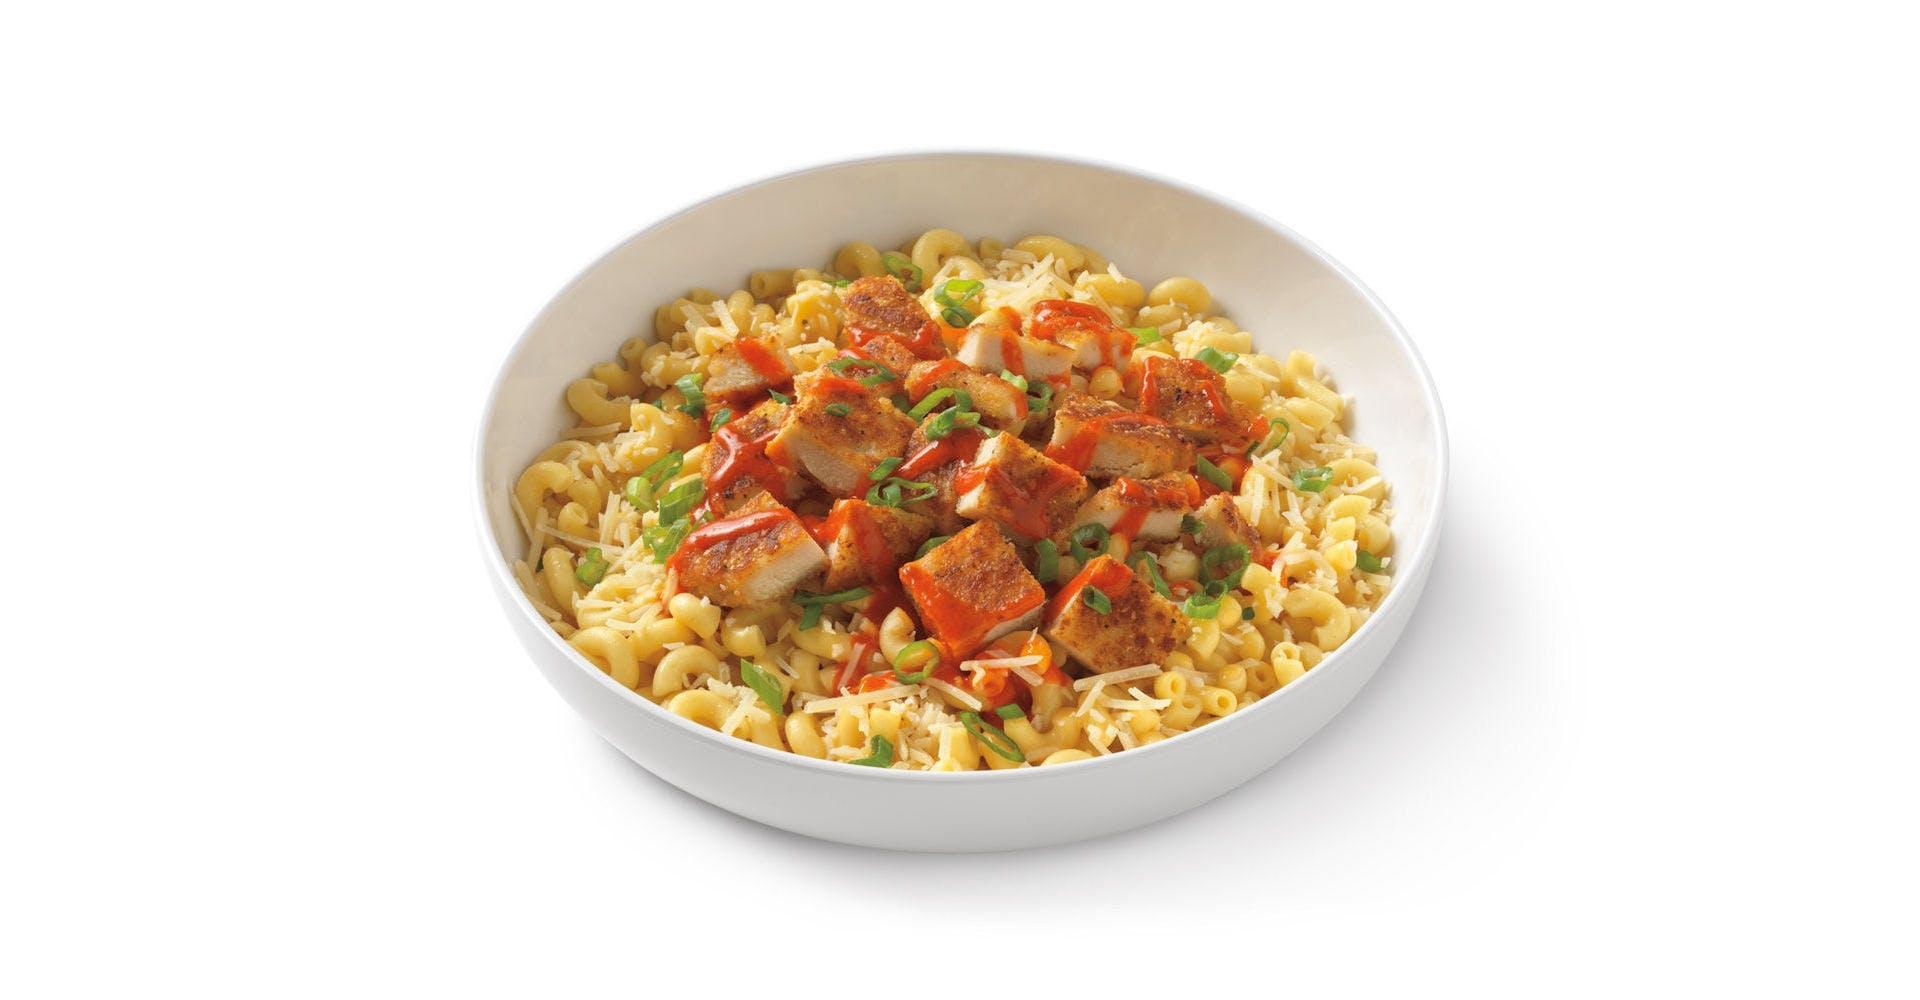 Buffalo Chicken Mac from Noodles & Company - Kenosha 118th Ave in Kenosha, WI